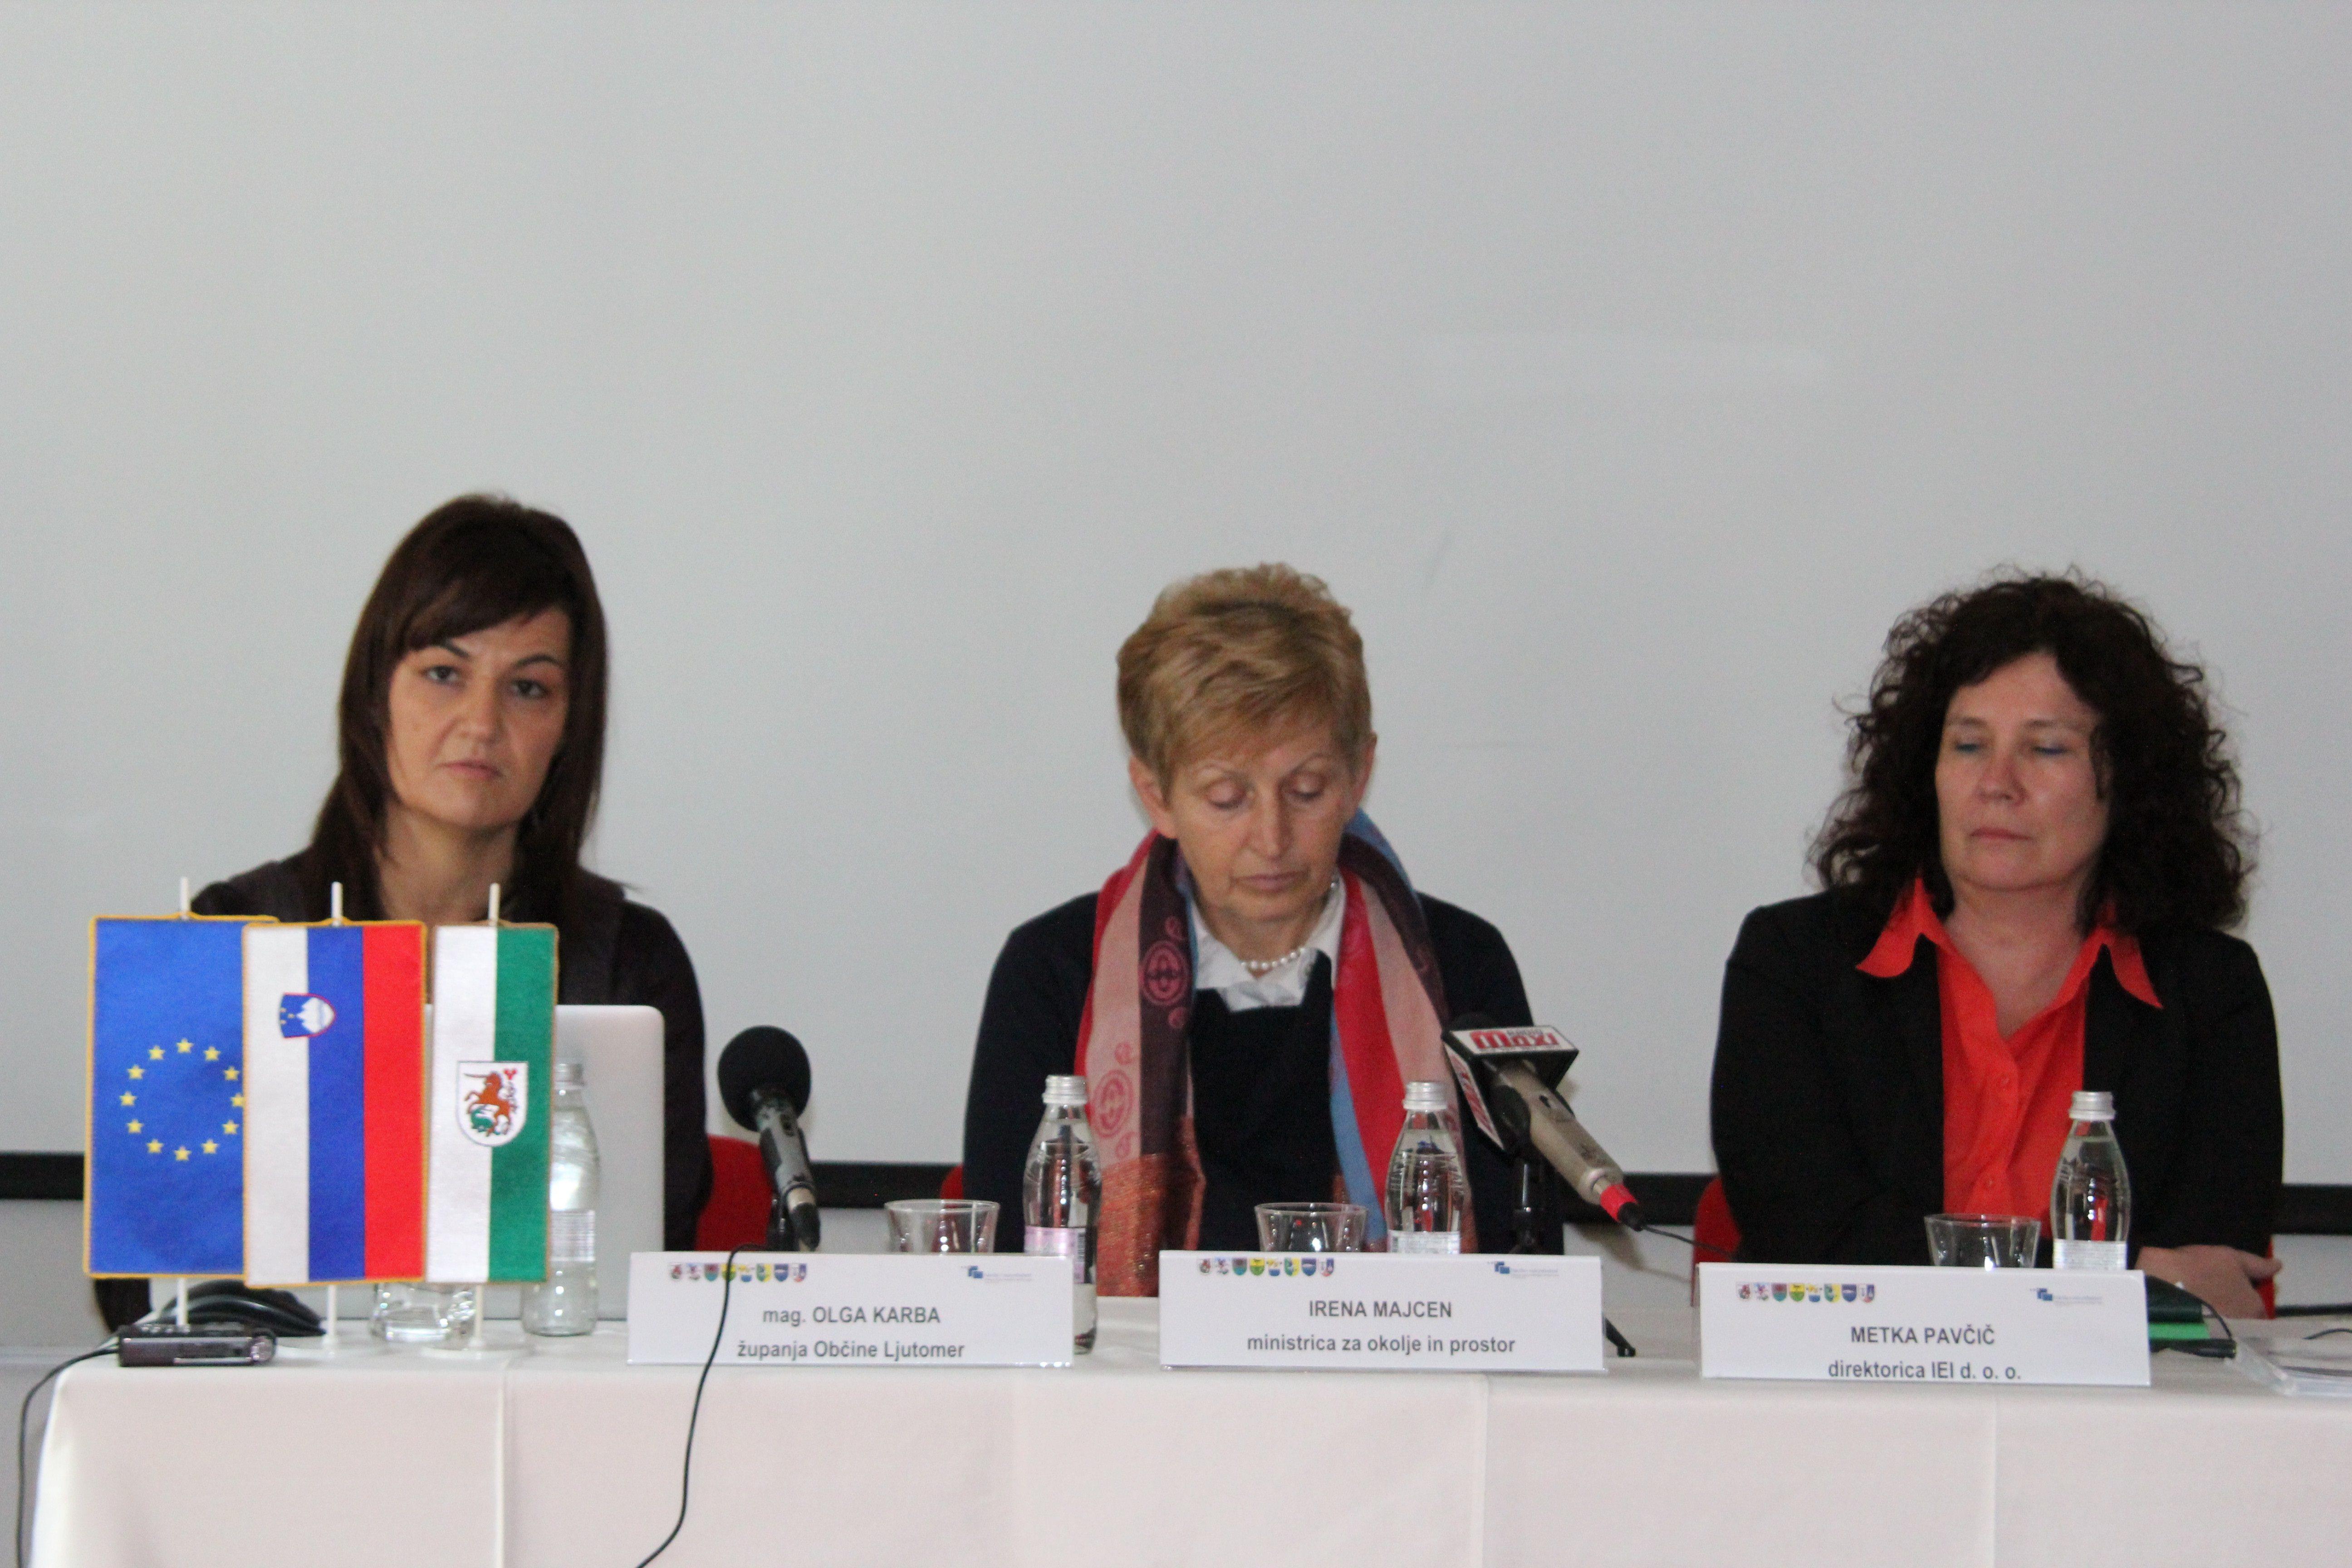 Županja Olga Karba in ministrica Irena Majcen sta spregovorili o pomurskem vodovodu -  sistem C